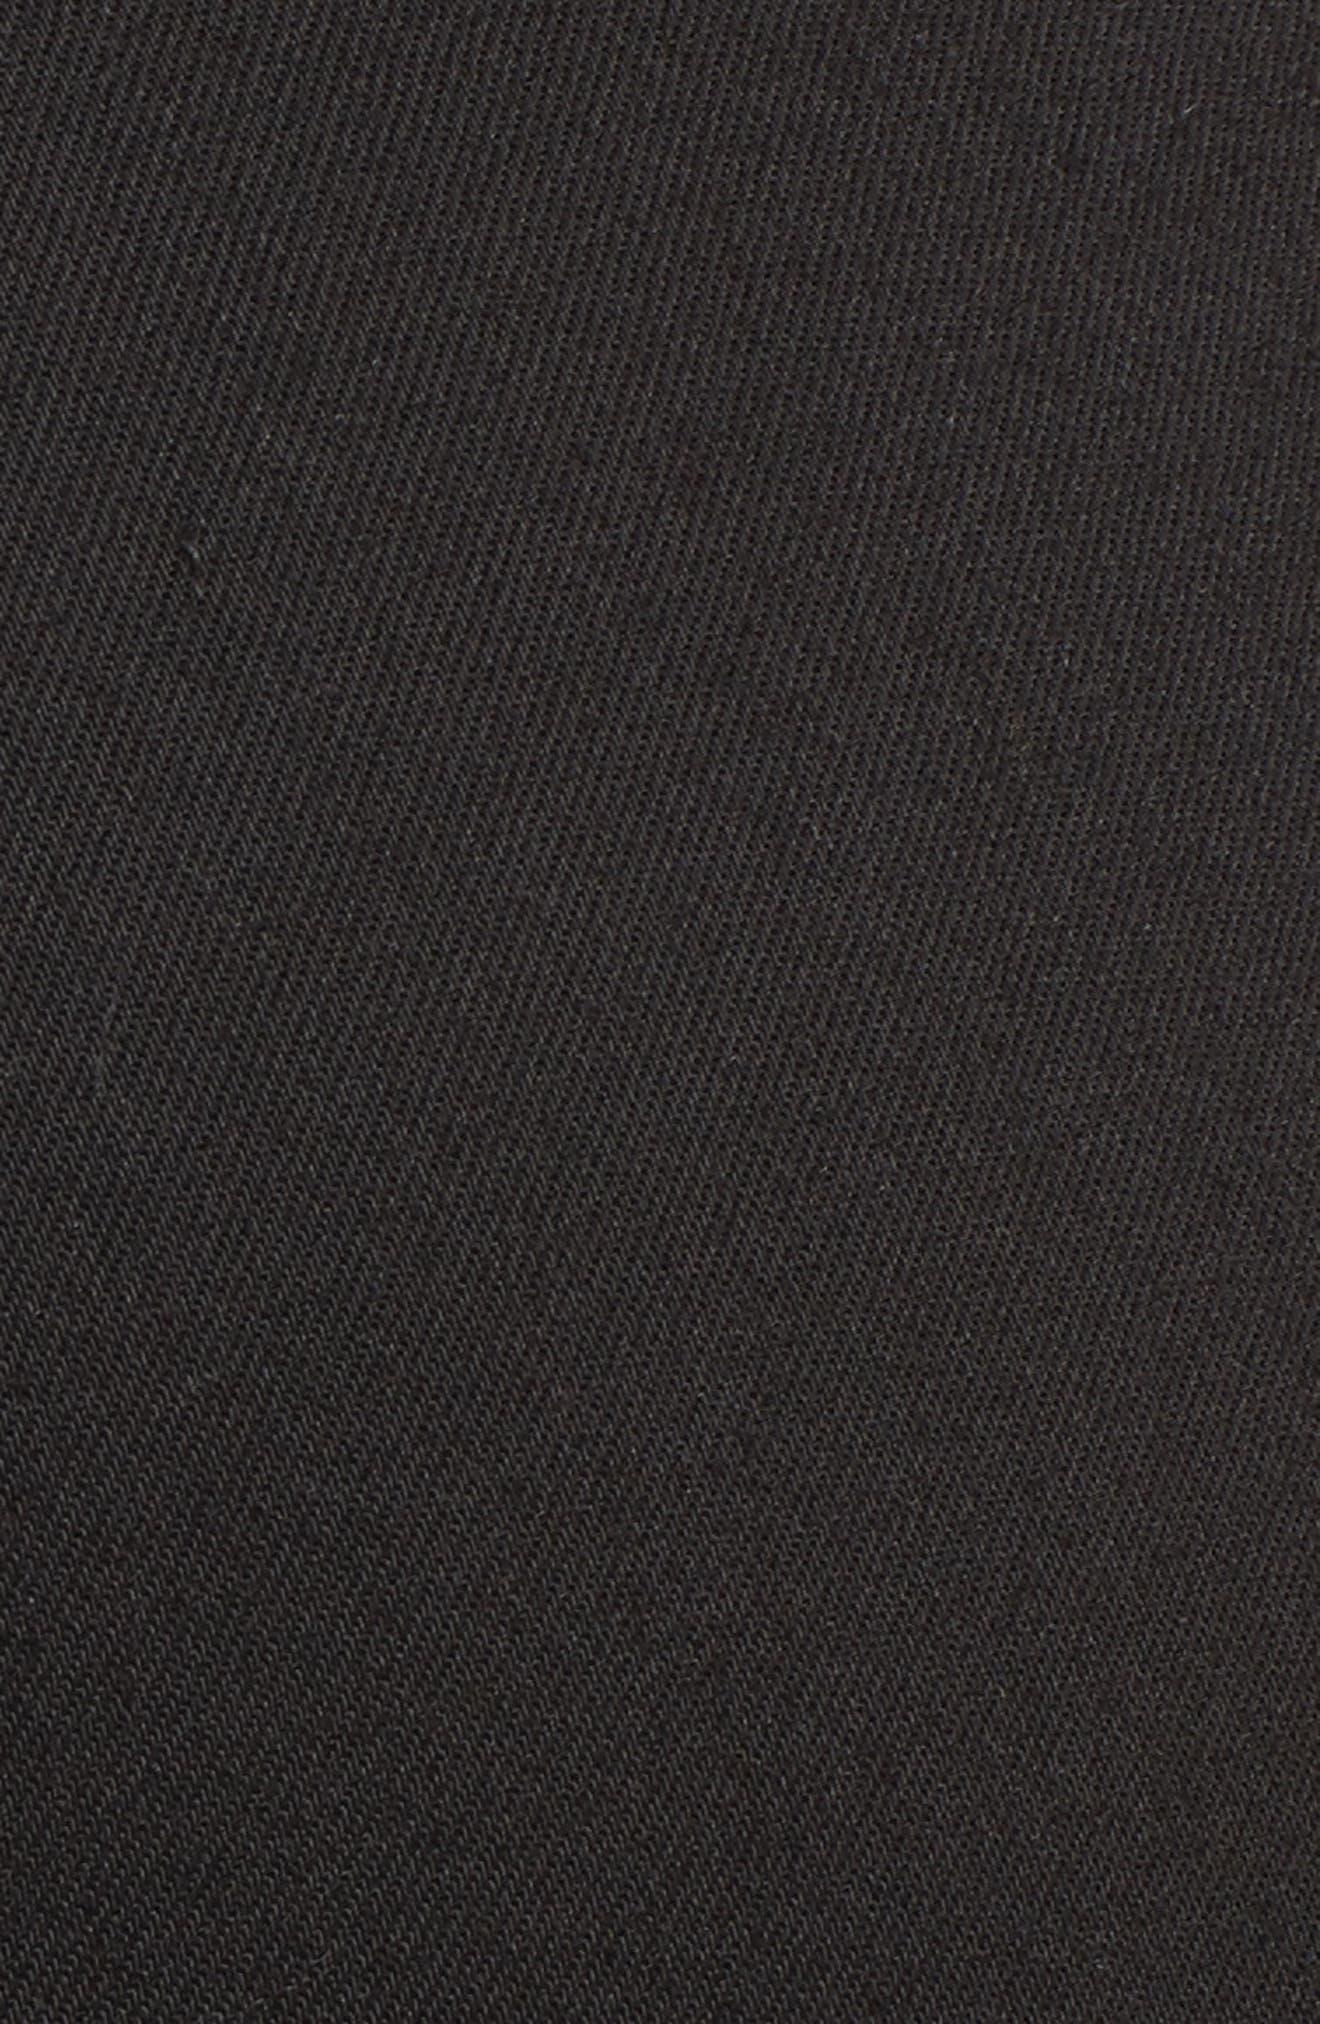 PARKER Novak Slit Hem Trouser Jeans,                             Alternate thumbnail 5, color,                             Eternal Black